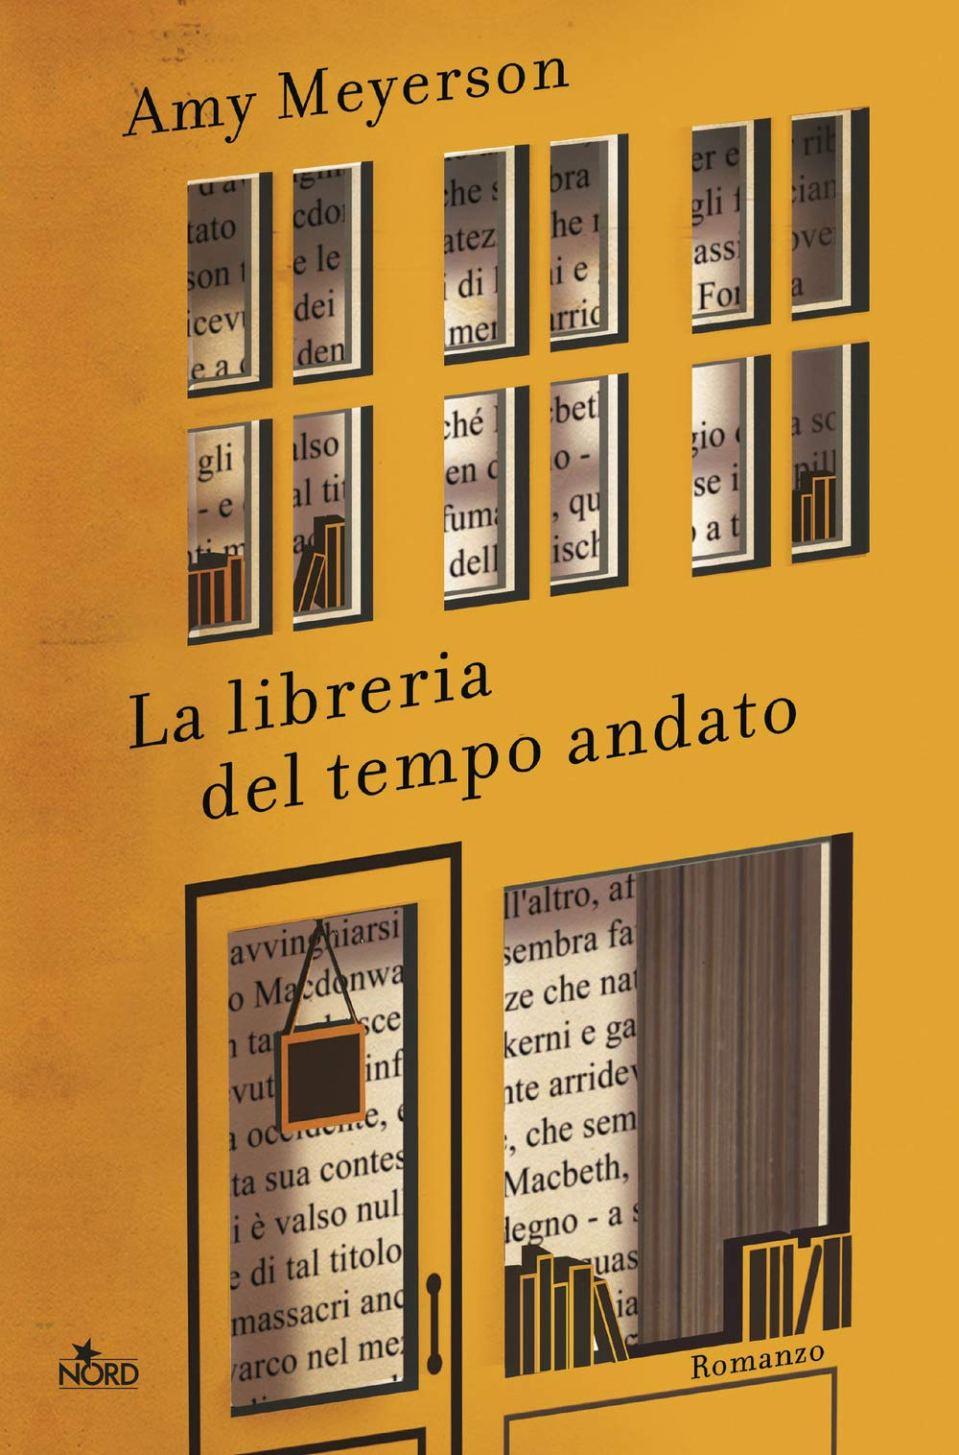 La libreria del tempo andato Book Cover